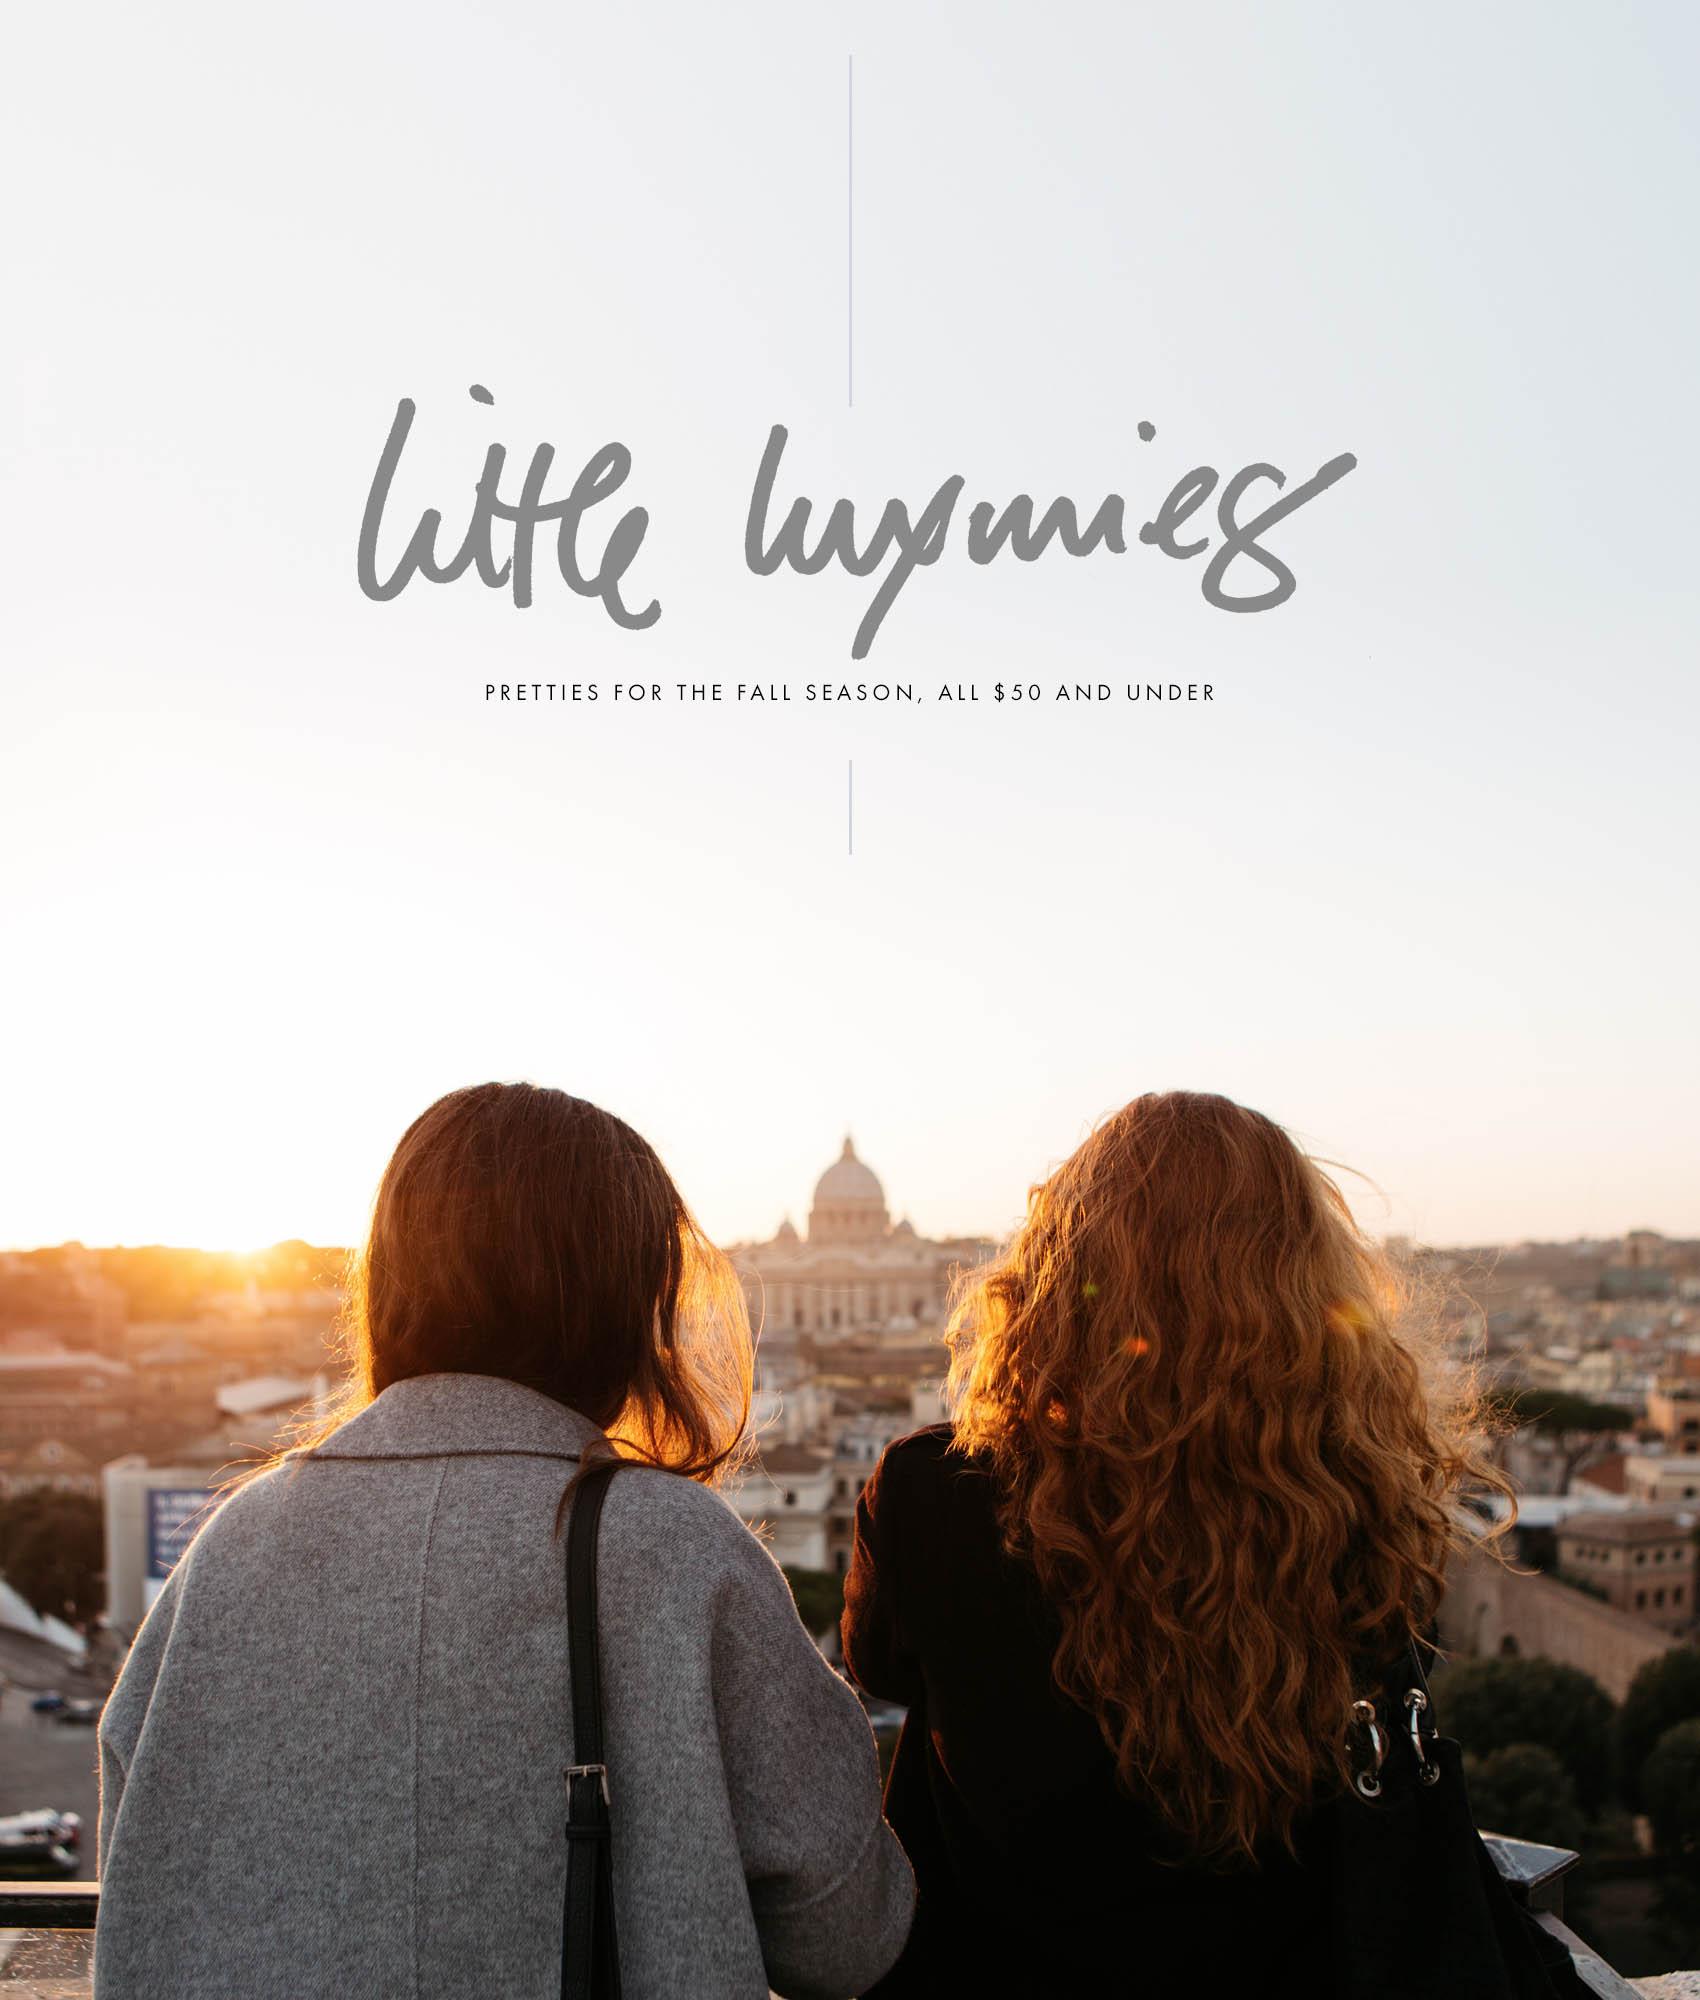 little-luxuries-all-under-50-via-victoriamstudio